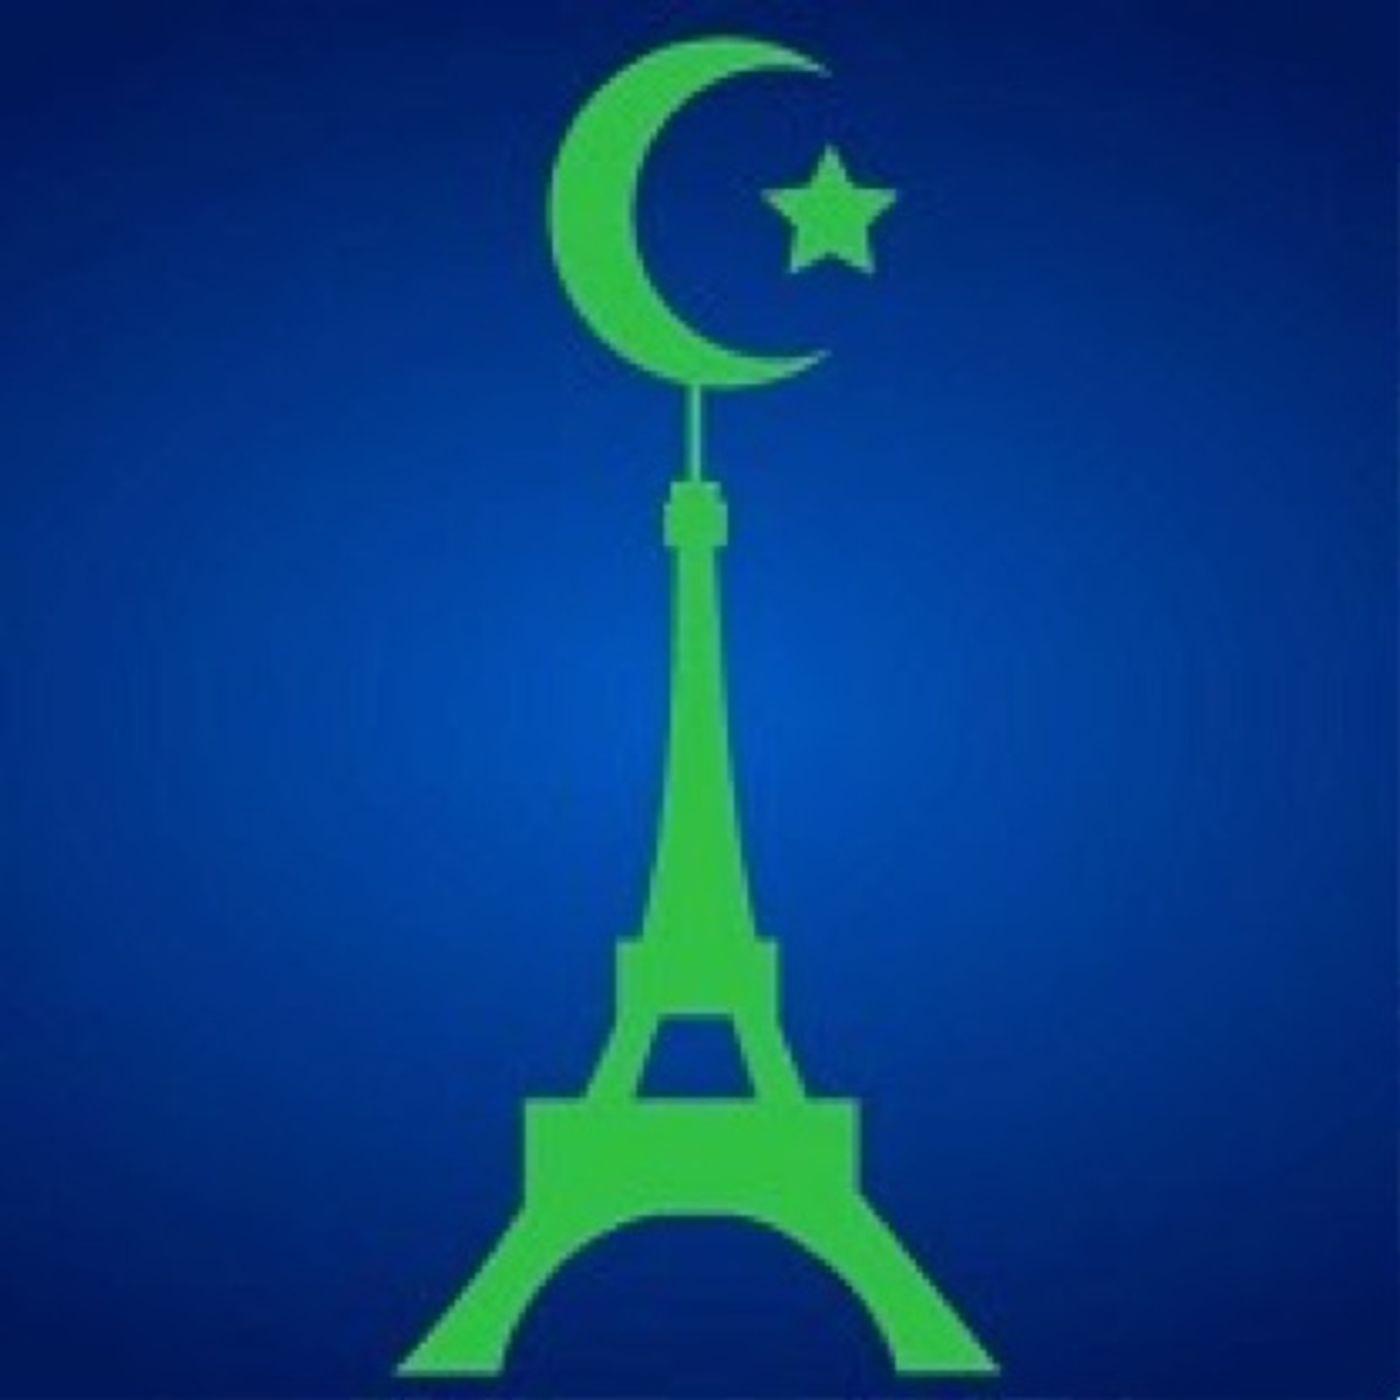 Attentato islamico a Nizza: la Sharia è legge in Francia